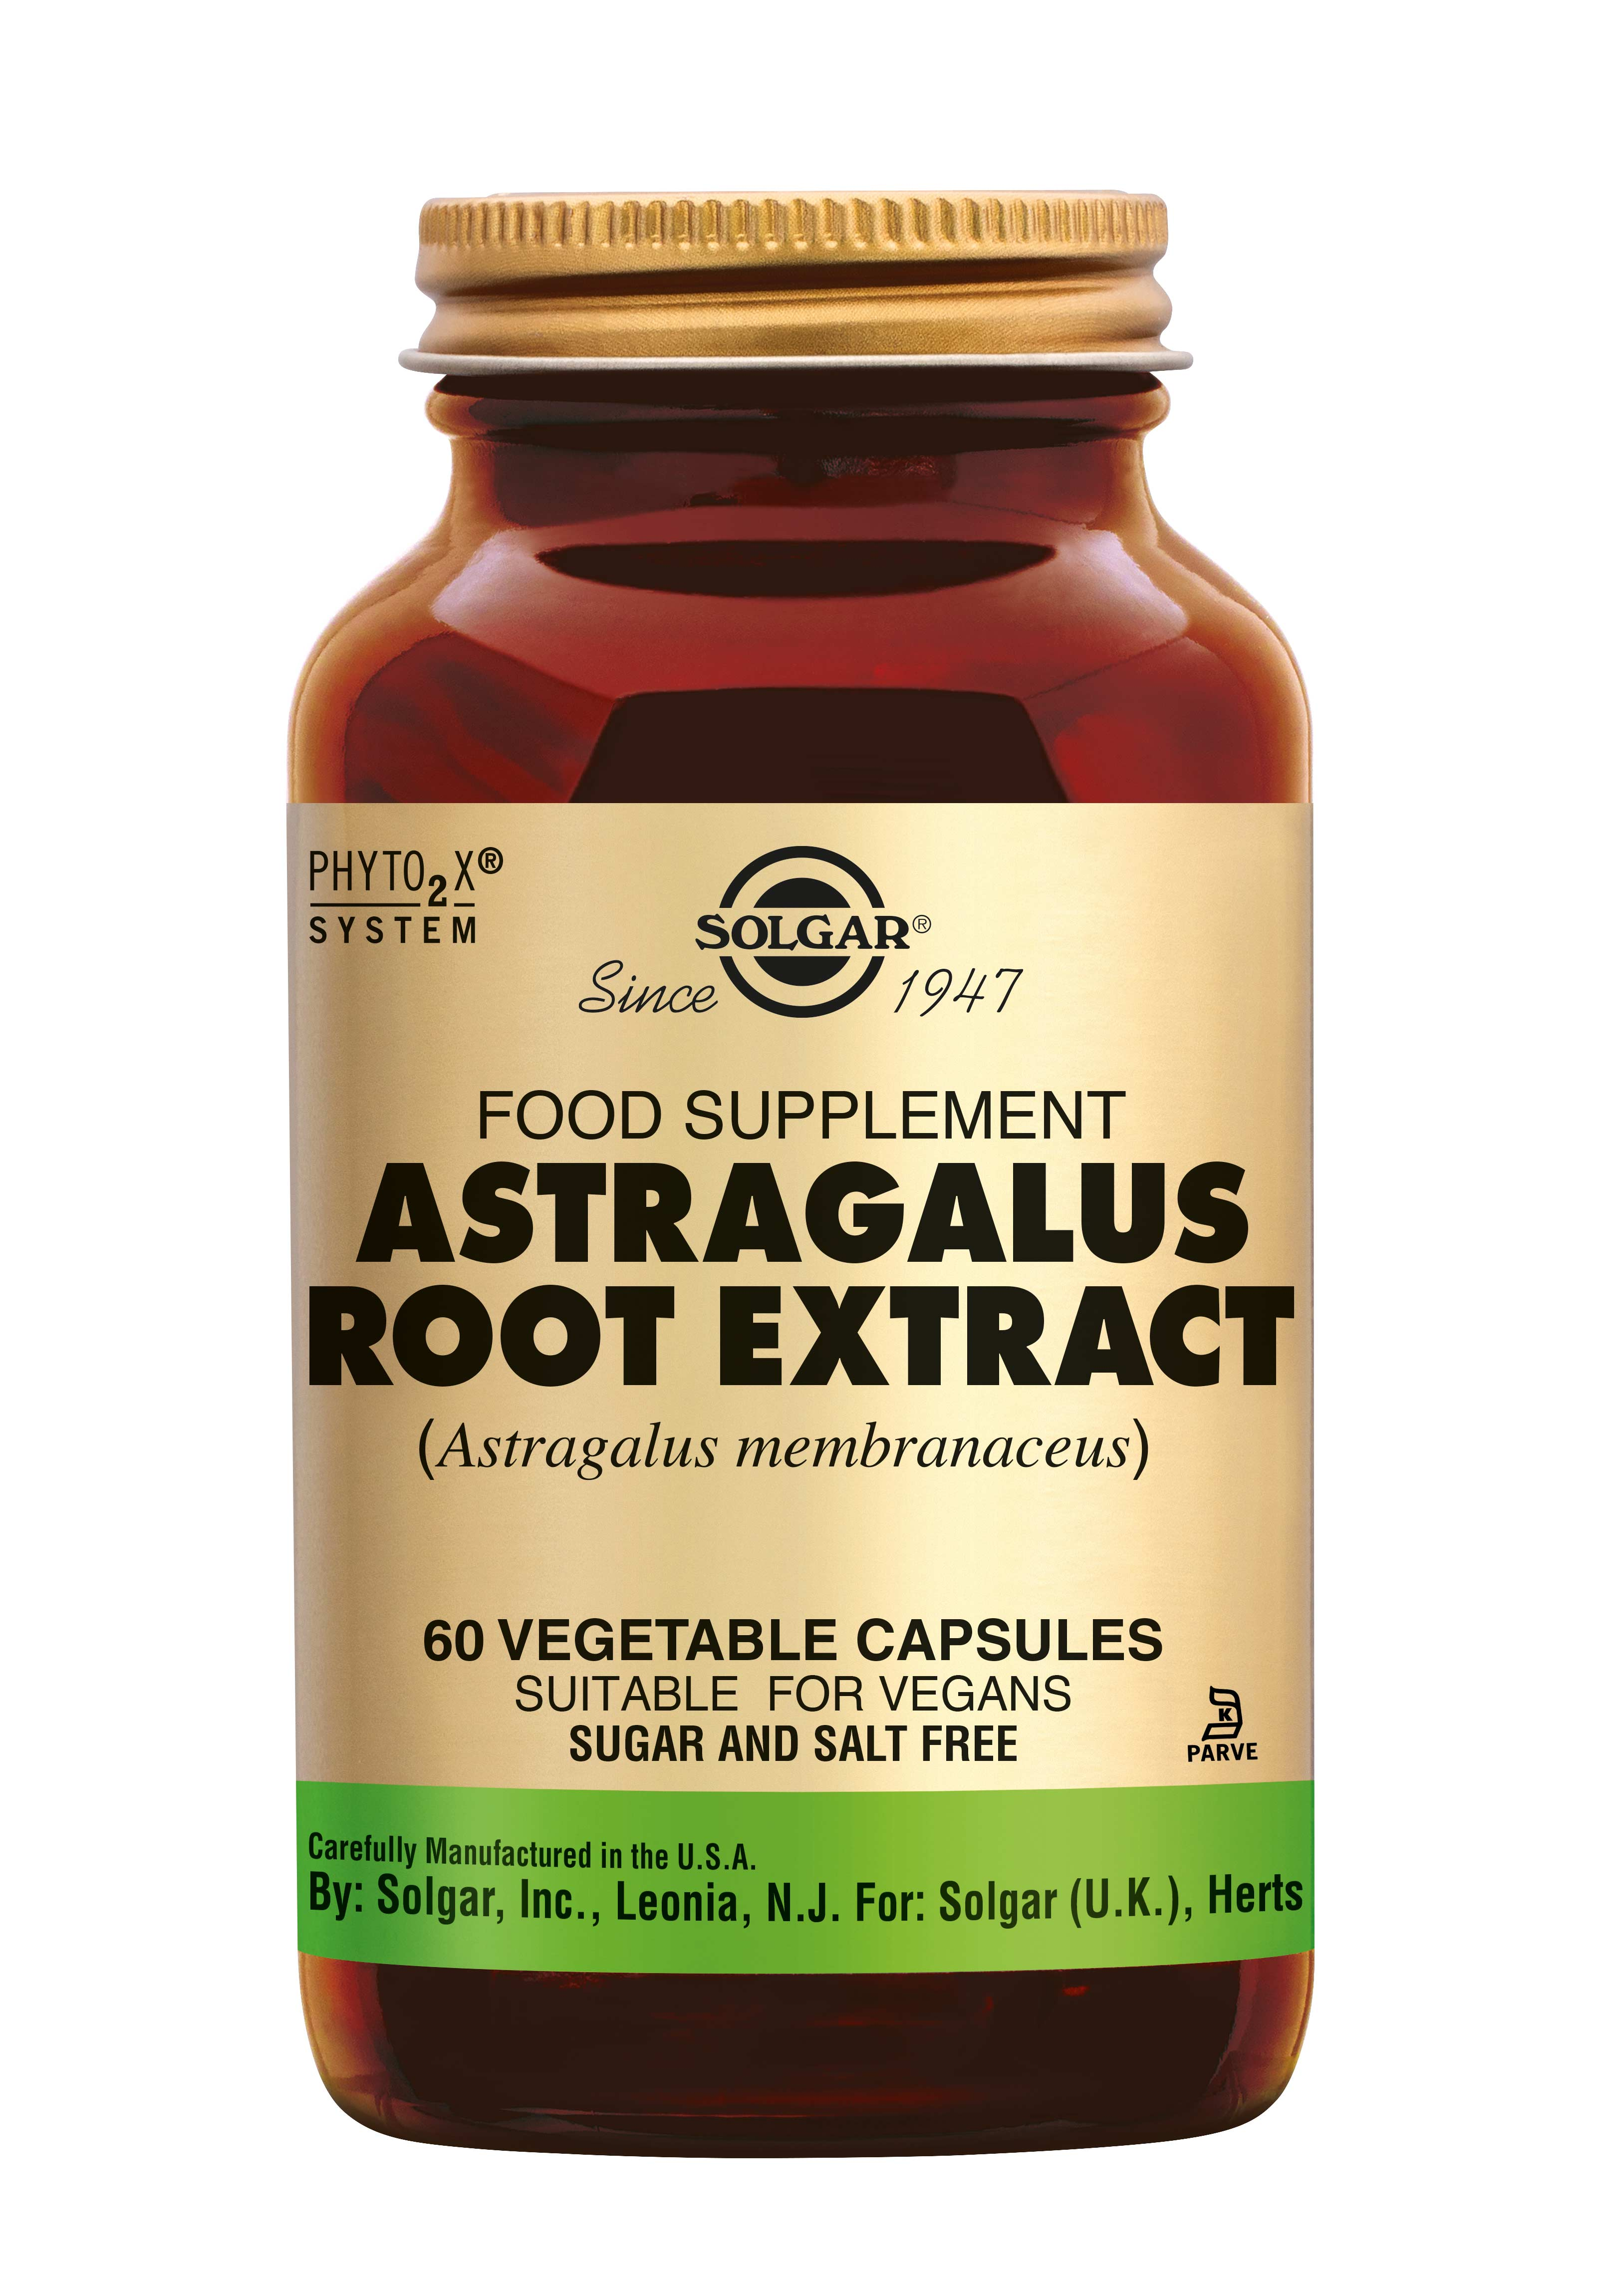 Astragalus Root Extract, Solgar, Solgar Astragalus (Astragalus membranaceus) ondersteunt de weerstand.